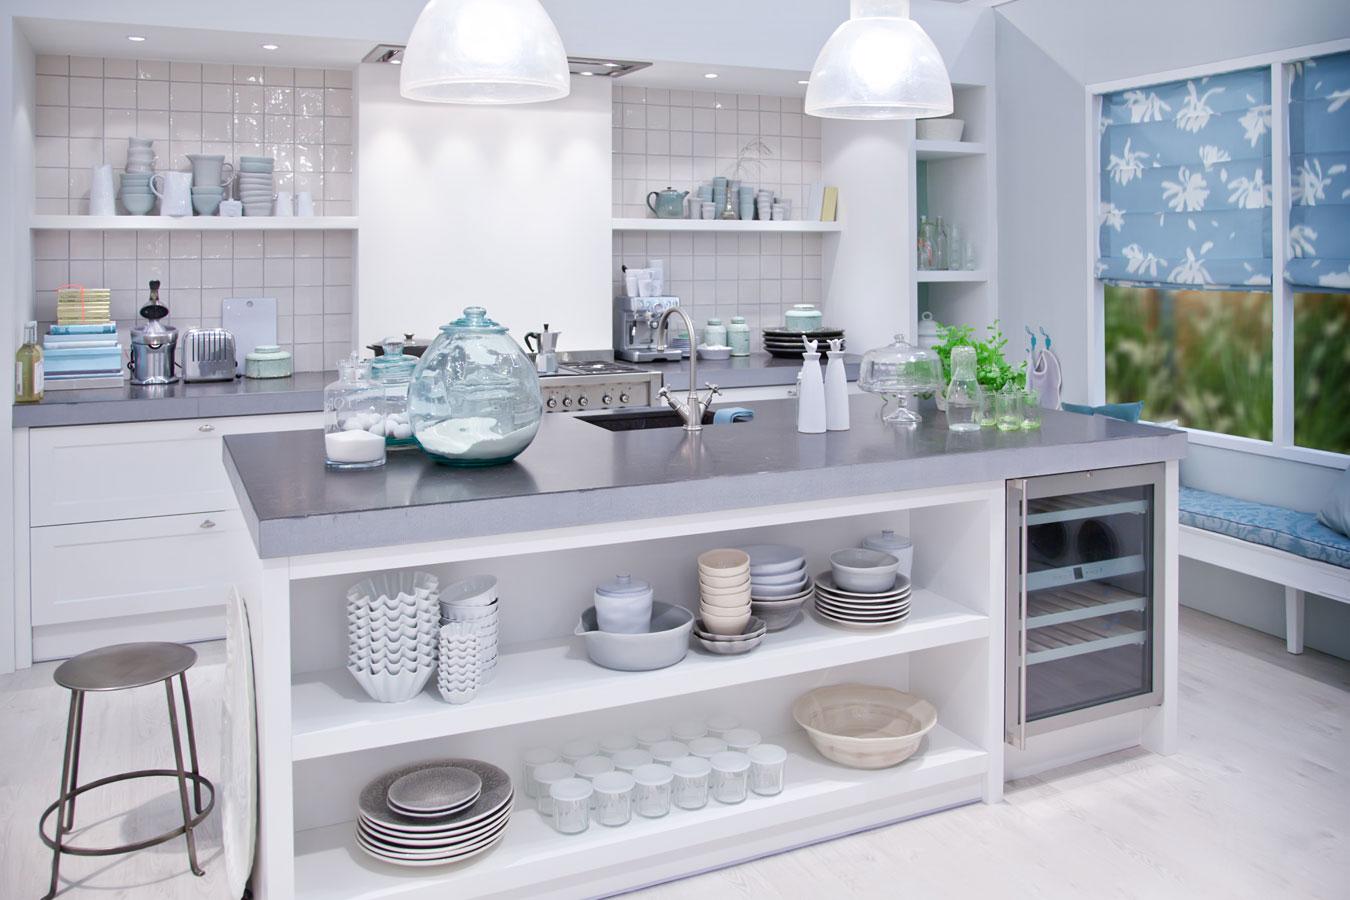 Keuken Werkblad: Home gt design keukens chique keuken met ...